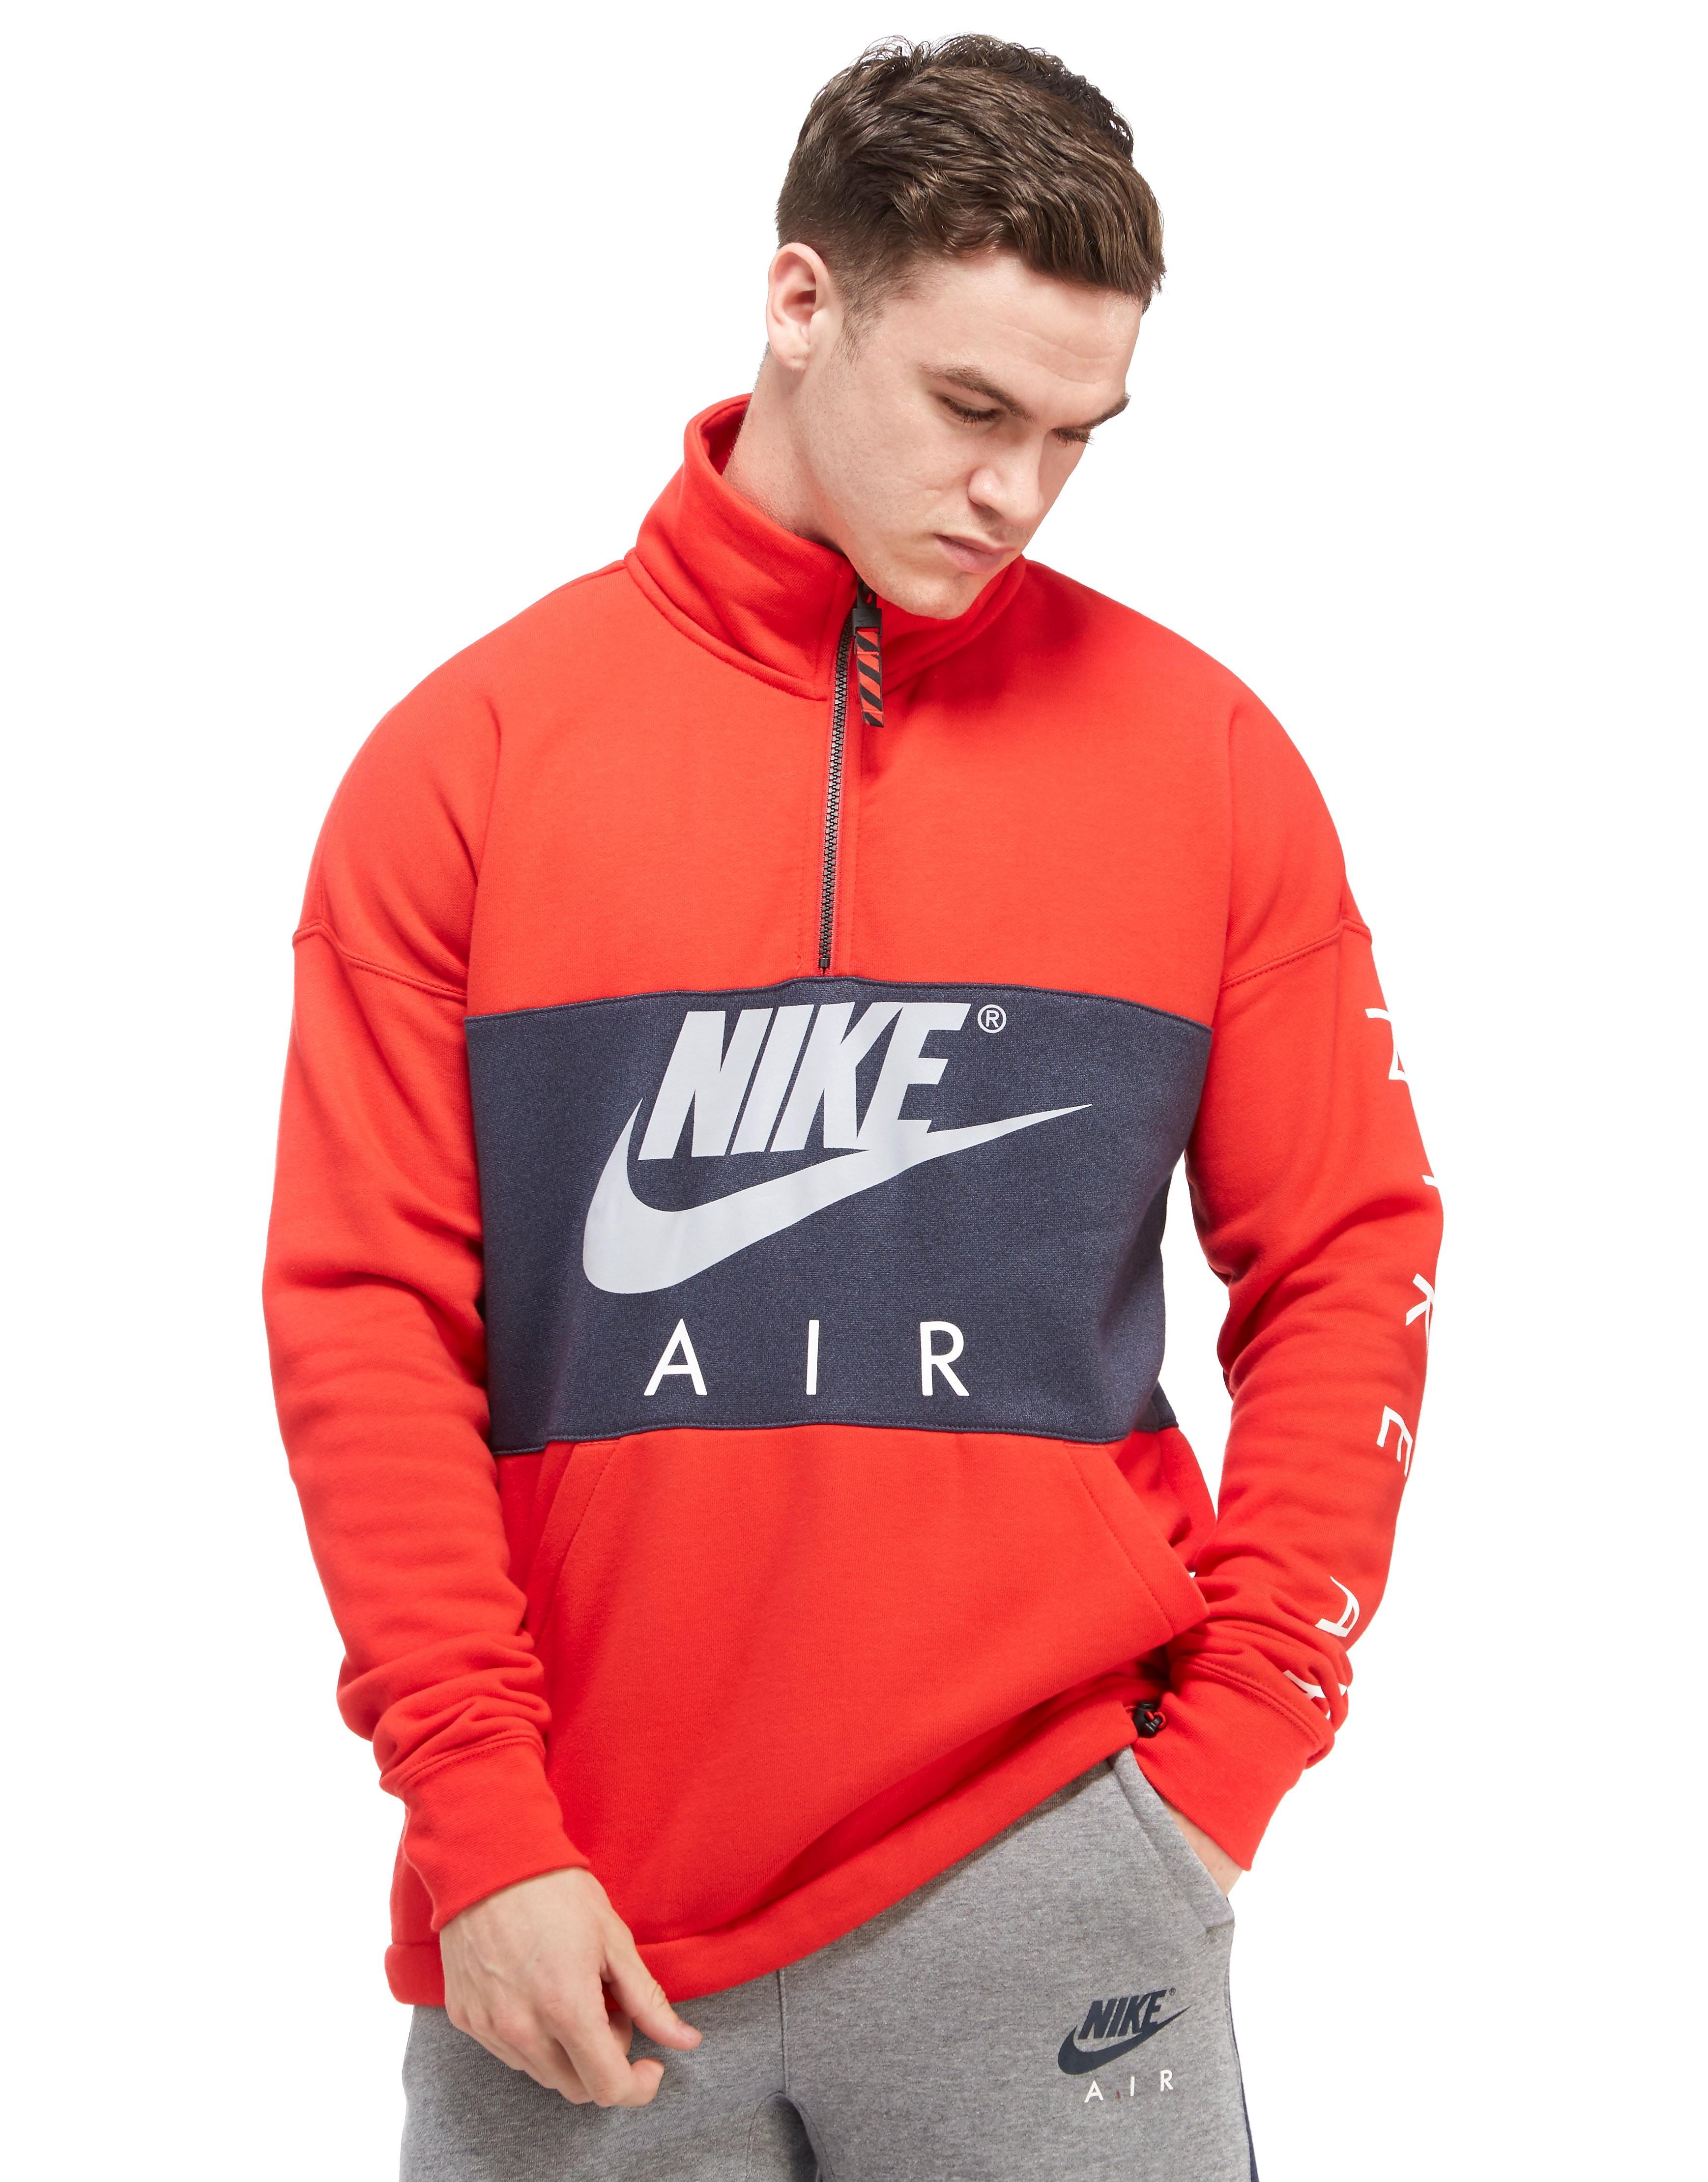 Nike Air Half-Zip Sweatshirt